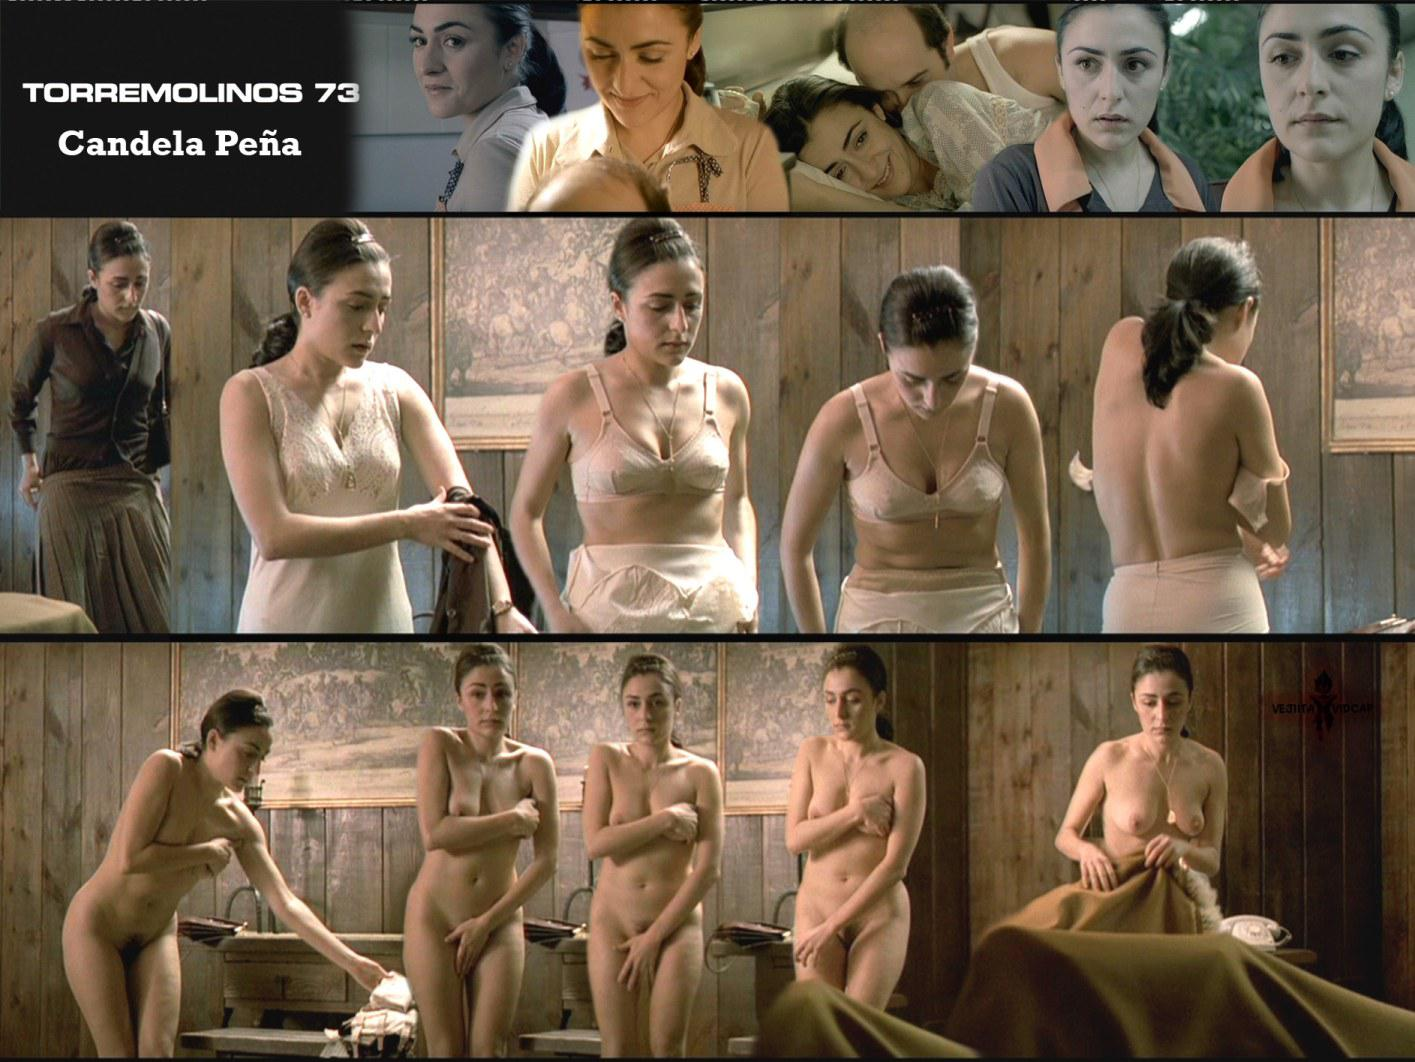 Candela Peña Follando desnuda - fotos de candela peña desnuda, tetas, pezon, culo